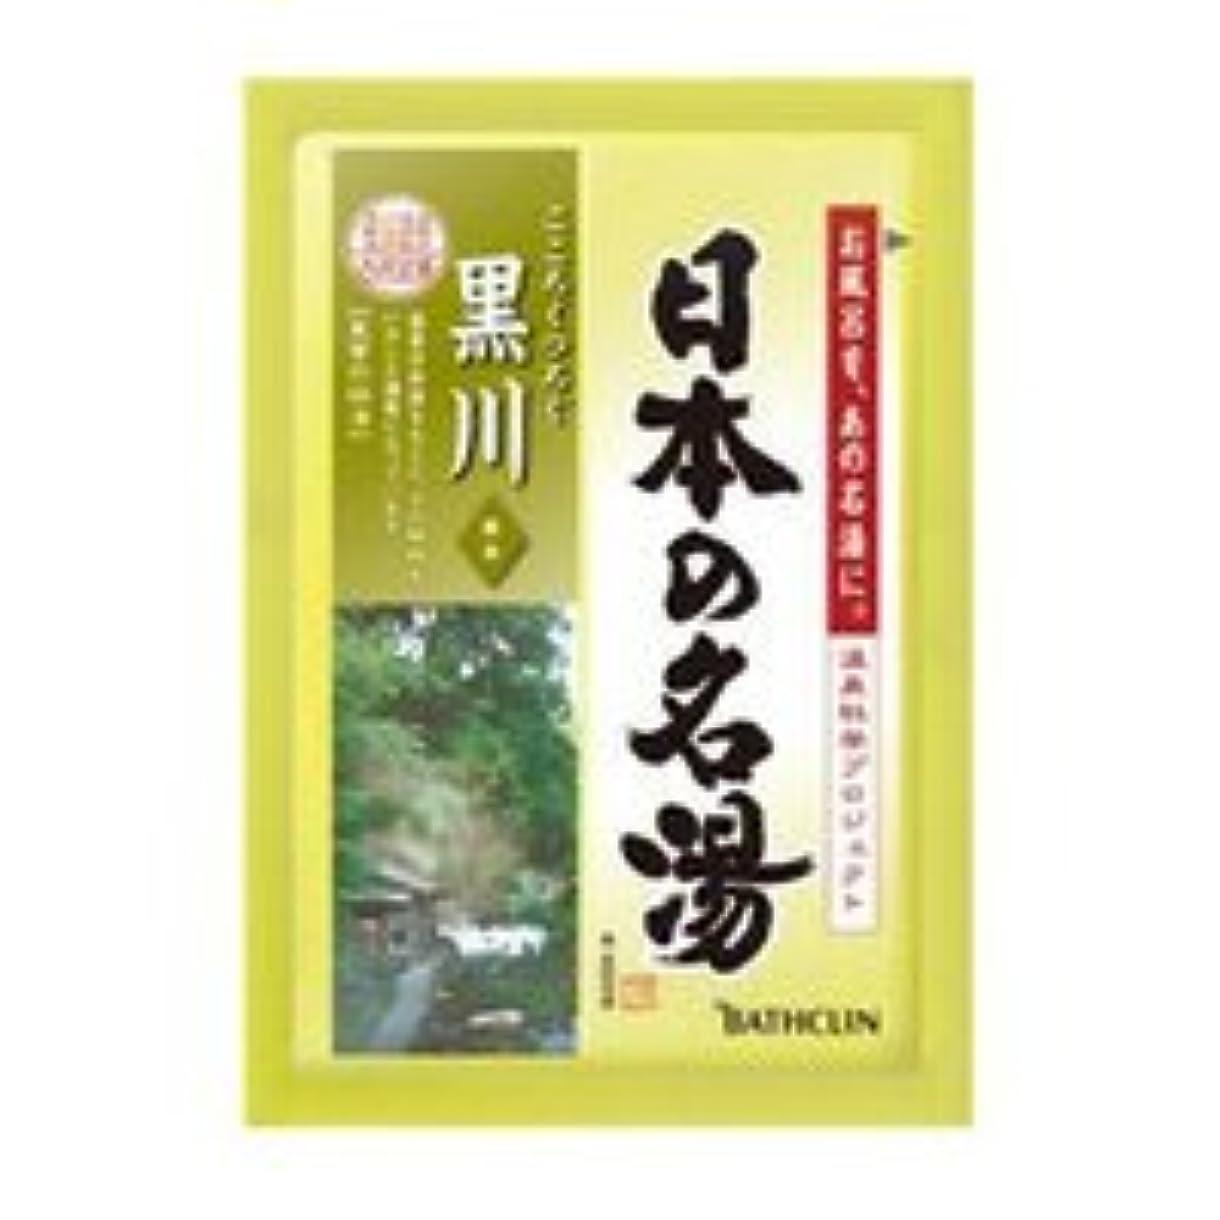 出版事故無秩序バスクリン 日本の名湯 黒川 1包 30g (温泉タイプ入浴剤)×120点セット (4548514135093)